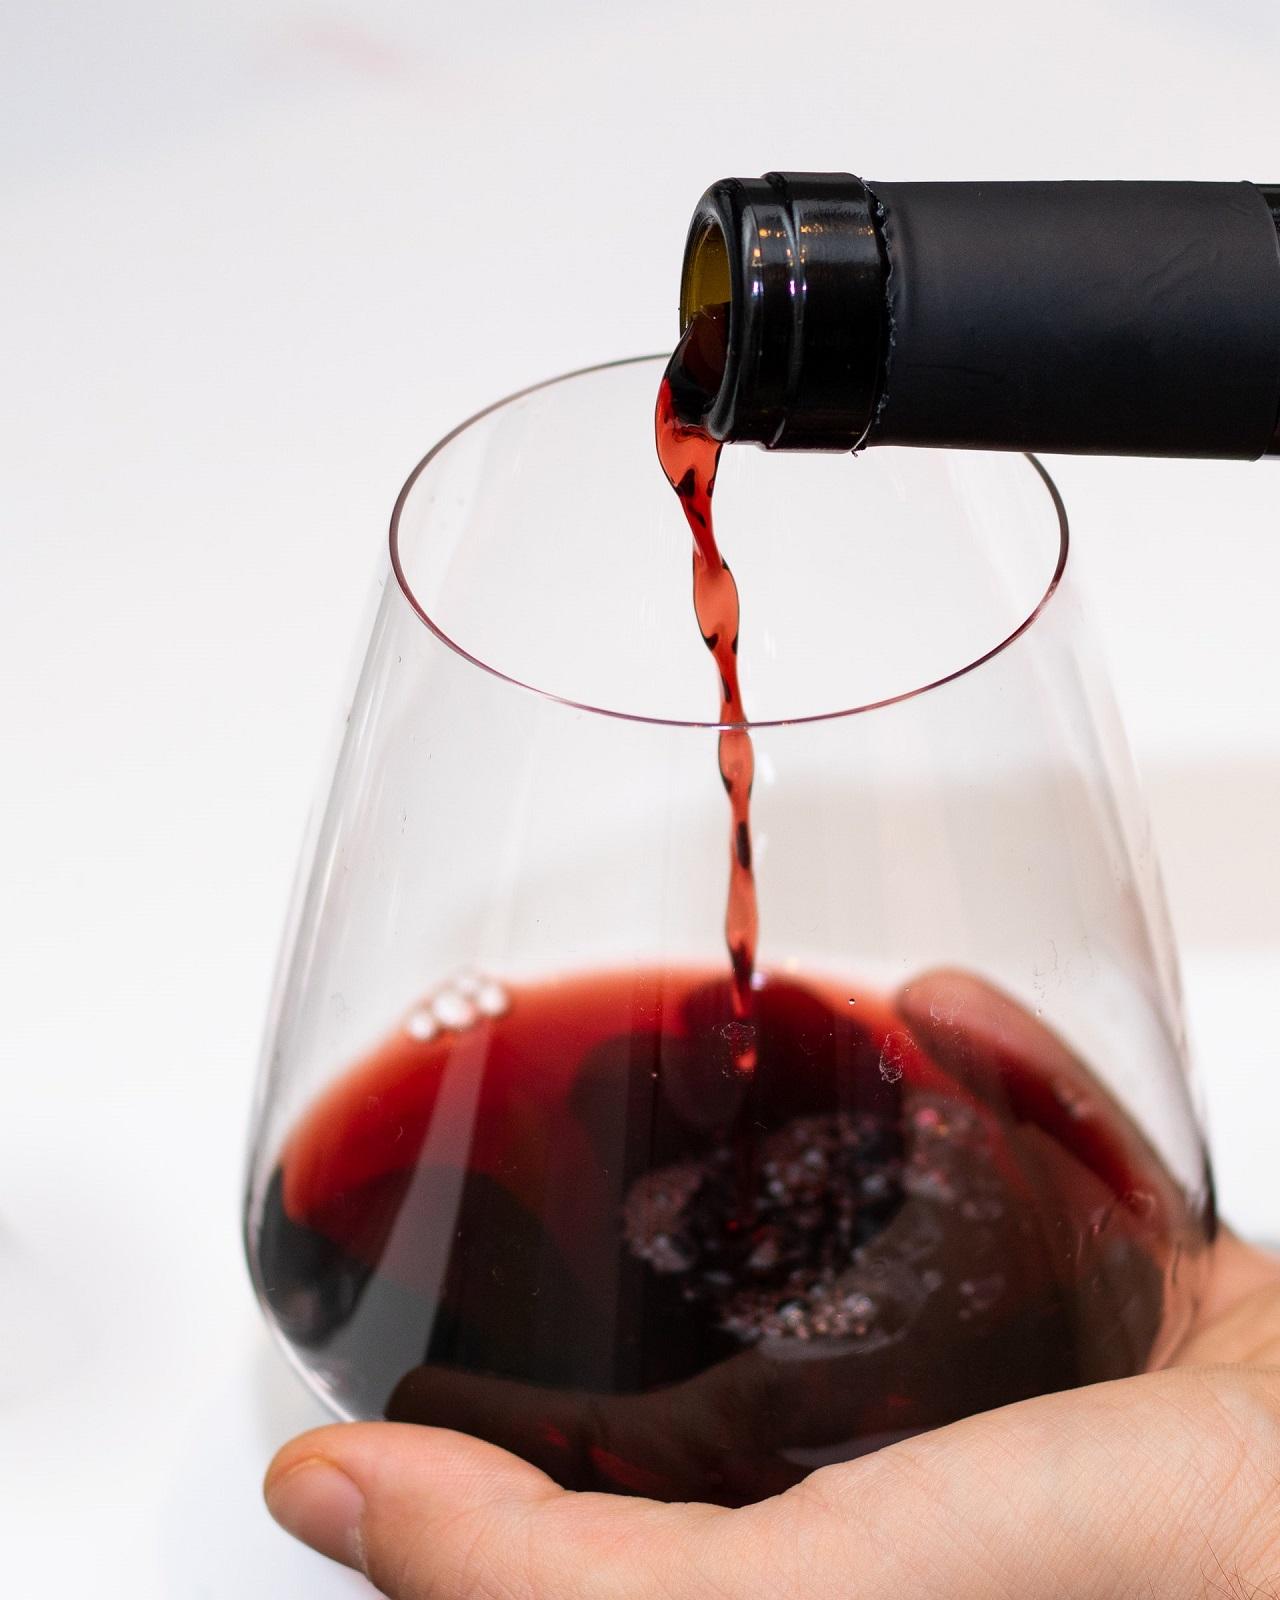 Dank eines Weinkühlschrankes, kannst Du jederzeit Wein in der Temperatur genießen, wie sie Dir gefällt.